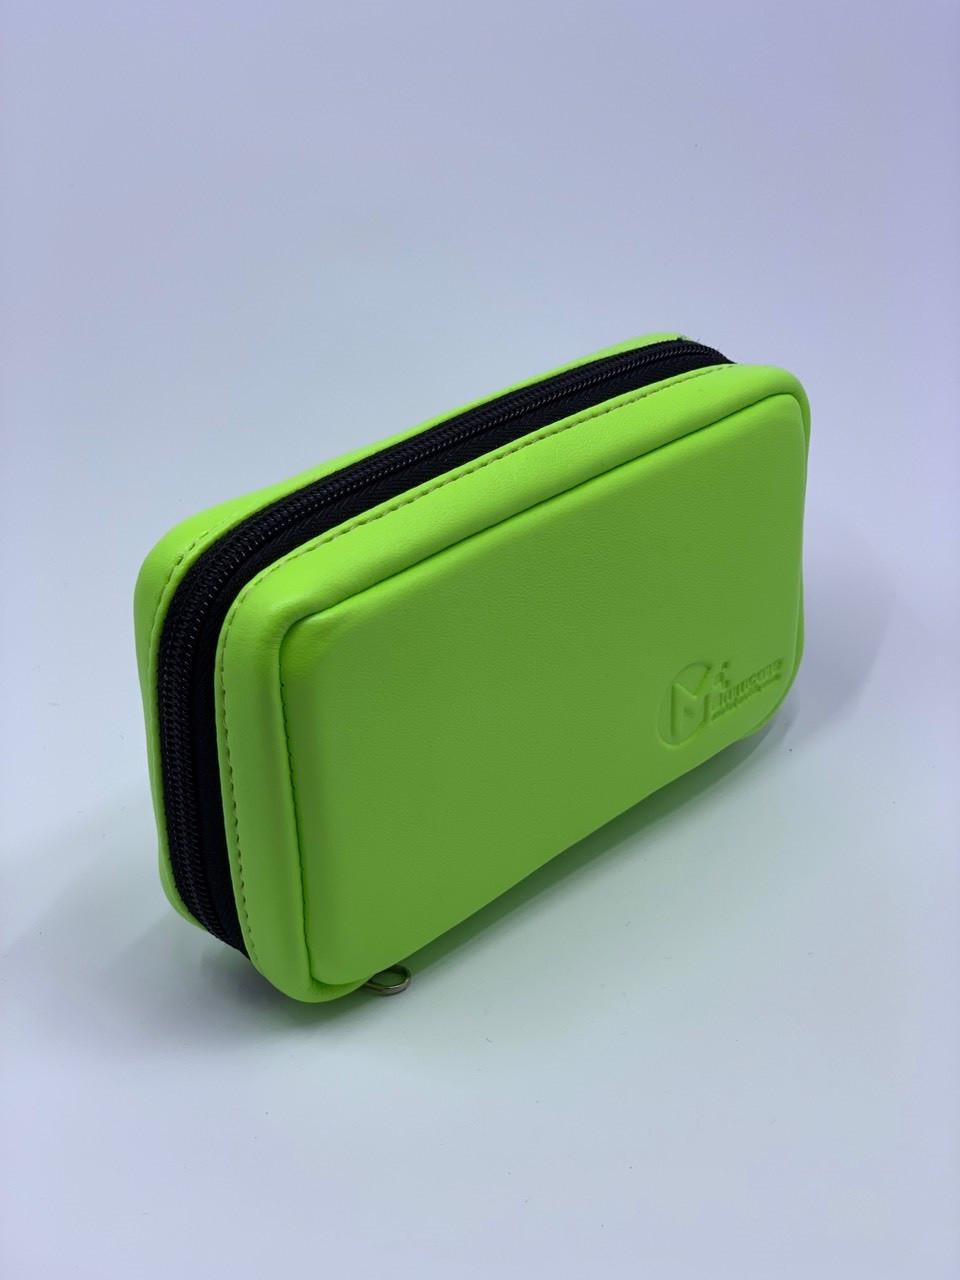 Органайзер MMCase для Ваших аксесуаров (Зеленый)